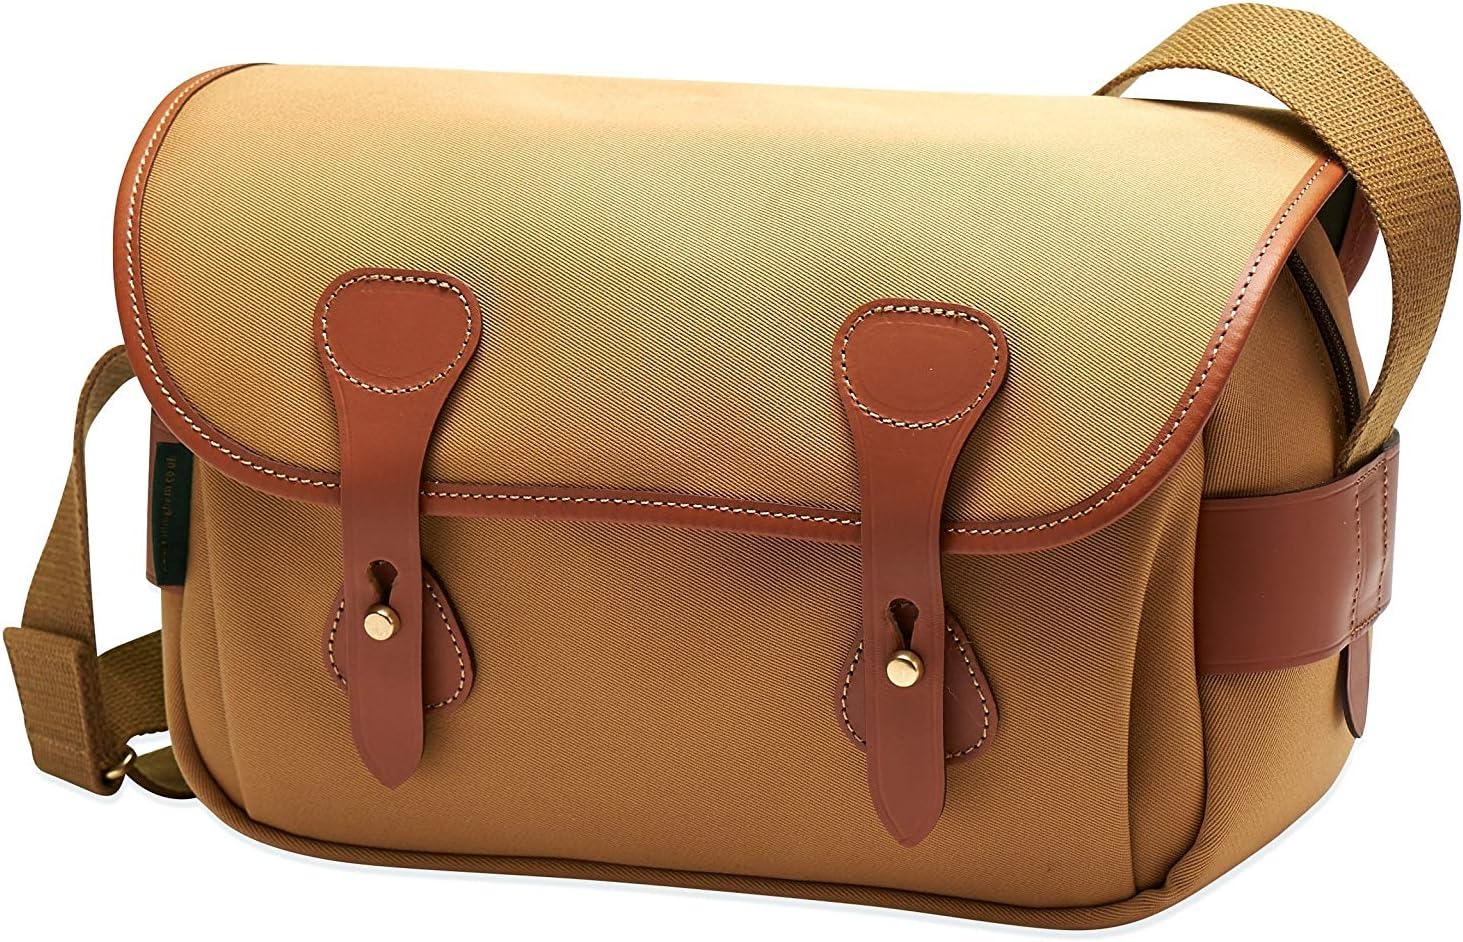 More Black Canvas//Tan Leather - Card Wallet Lens Keeper Billingham S3 Shoulder Bag Reader